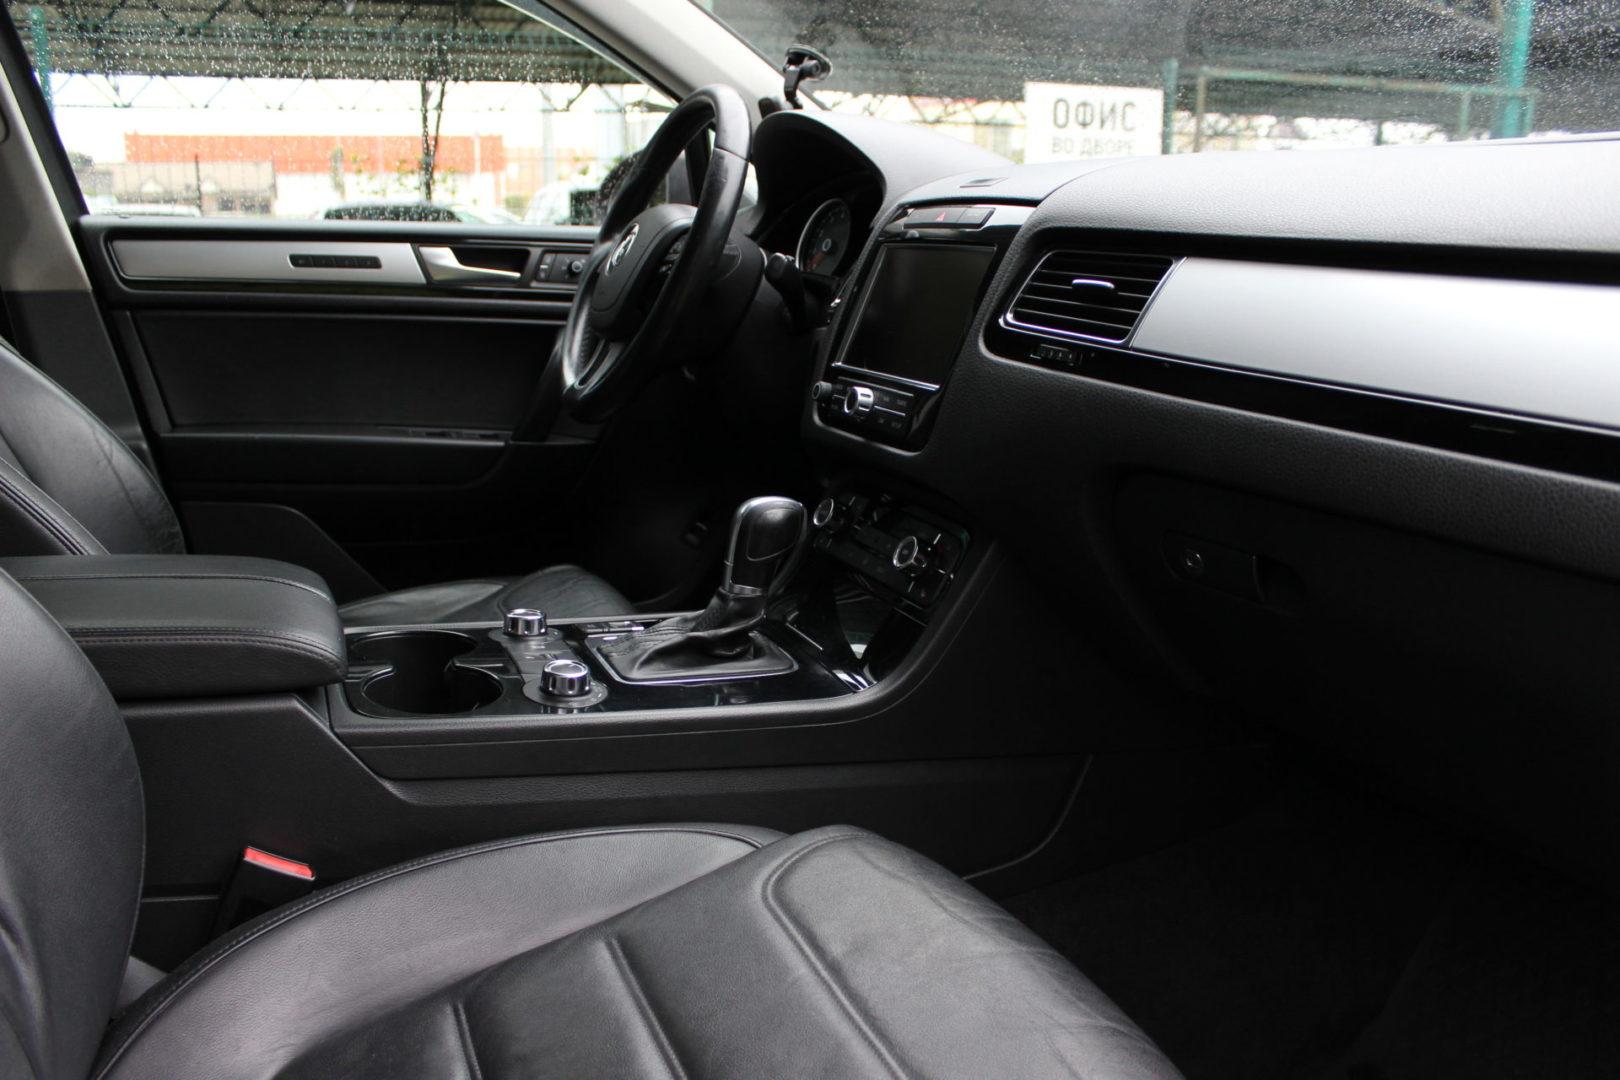 Купить Volkswagen Touareg (Чёрно-серый) - Автопарк Ставрополь